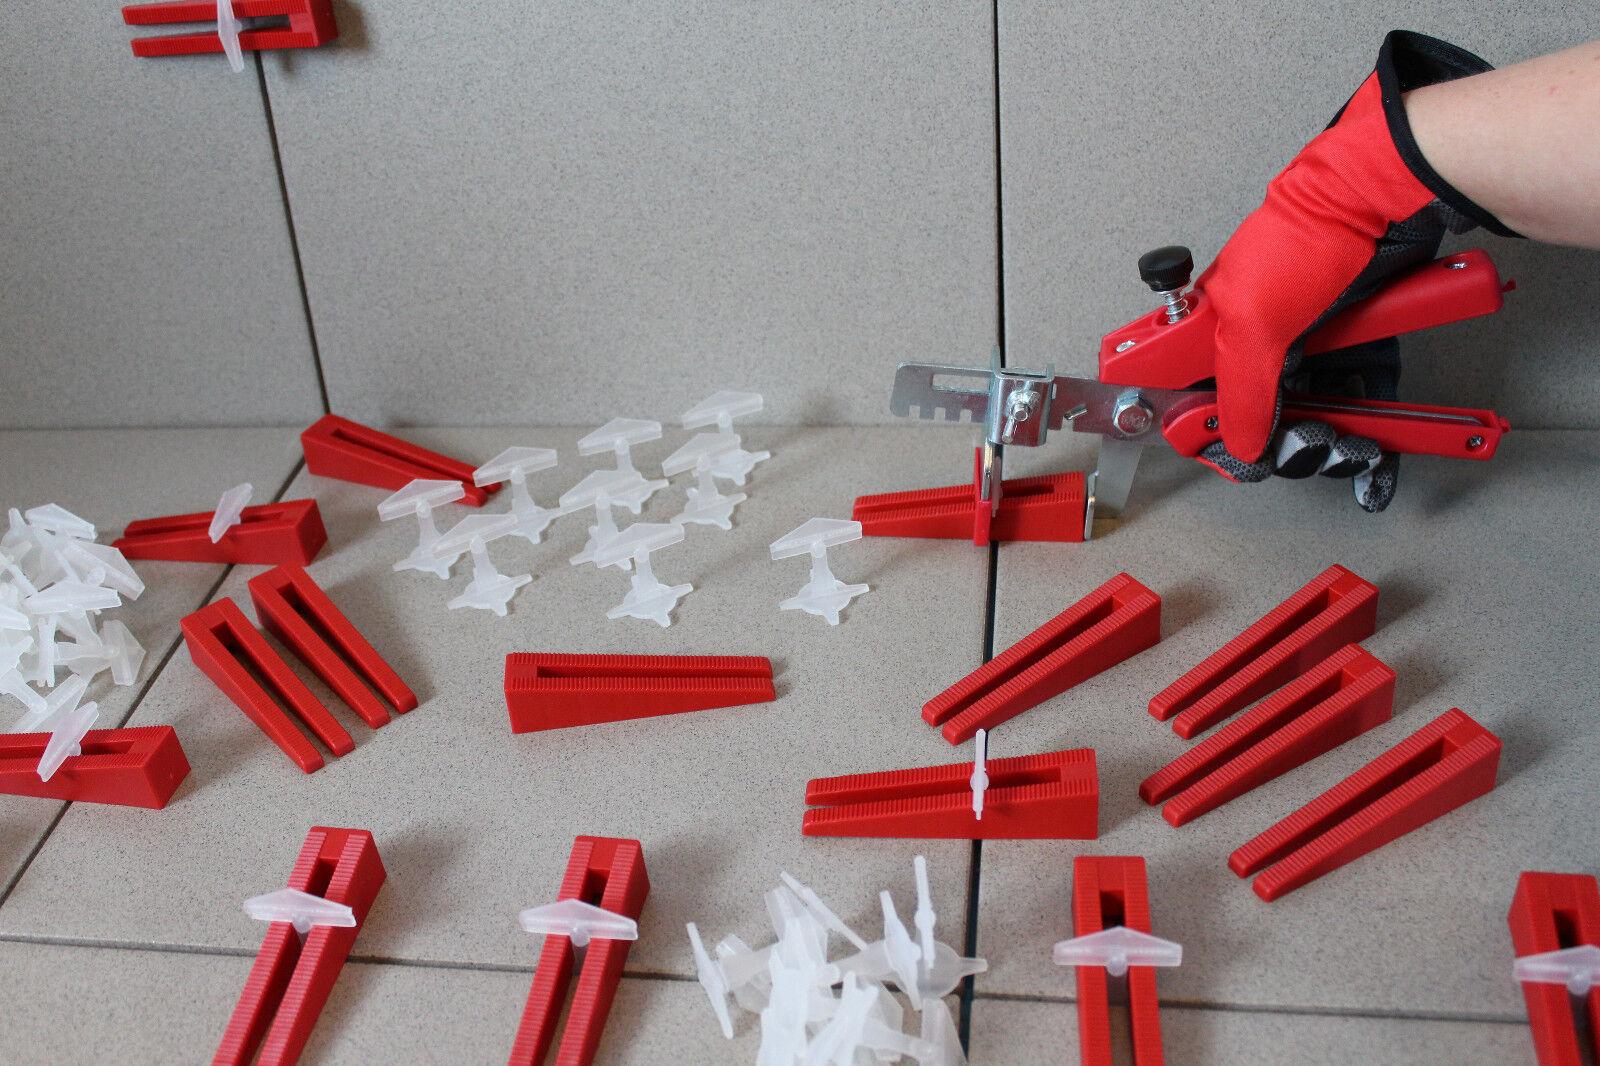 KABOUFIX Fliesen Nivelliersystem Verlegehilfe Lasche Keil Fliesen plan verlegen   Lebhaft und liebenswert    Erste Klasse in seiner Klasse    Qualität Produkt